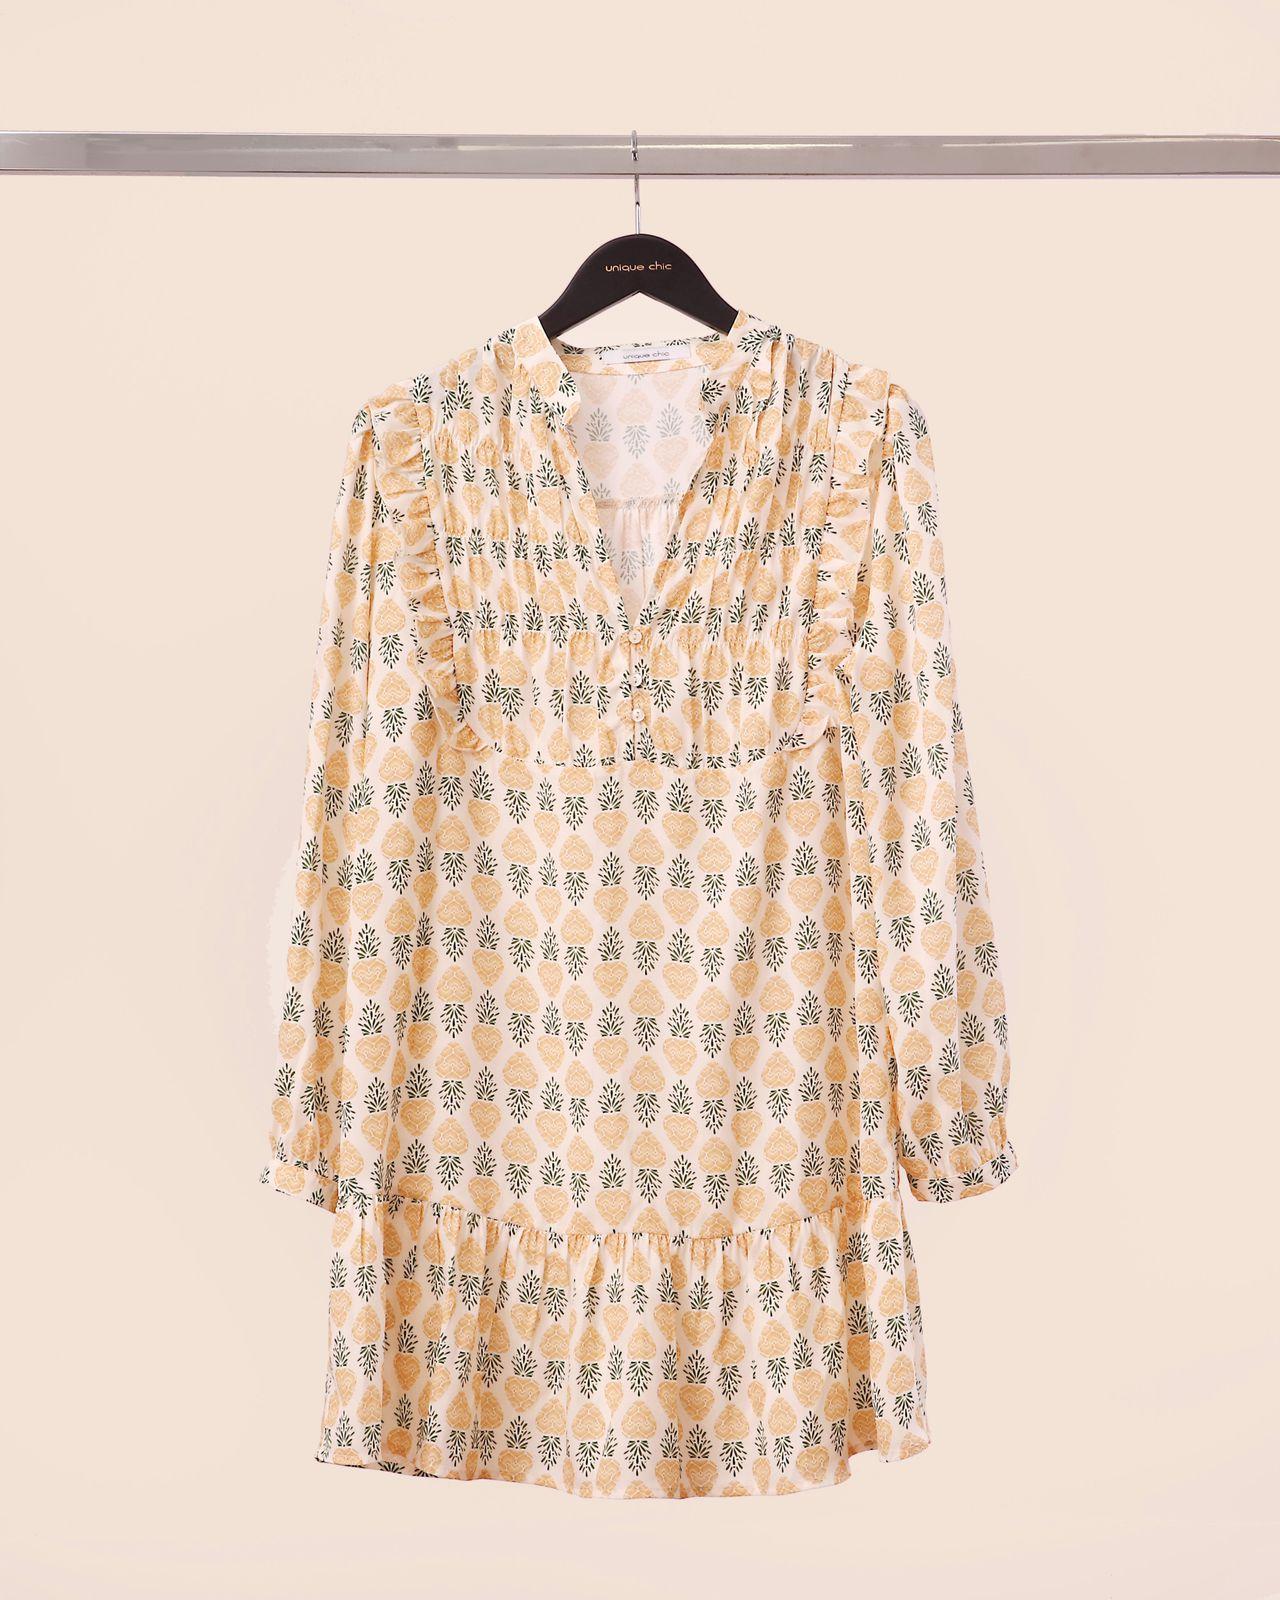 Vestido Debora Crepe Estampado Detalhe Lastex